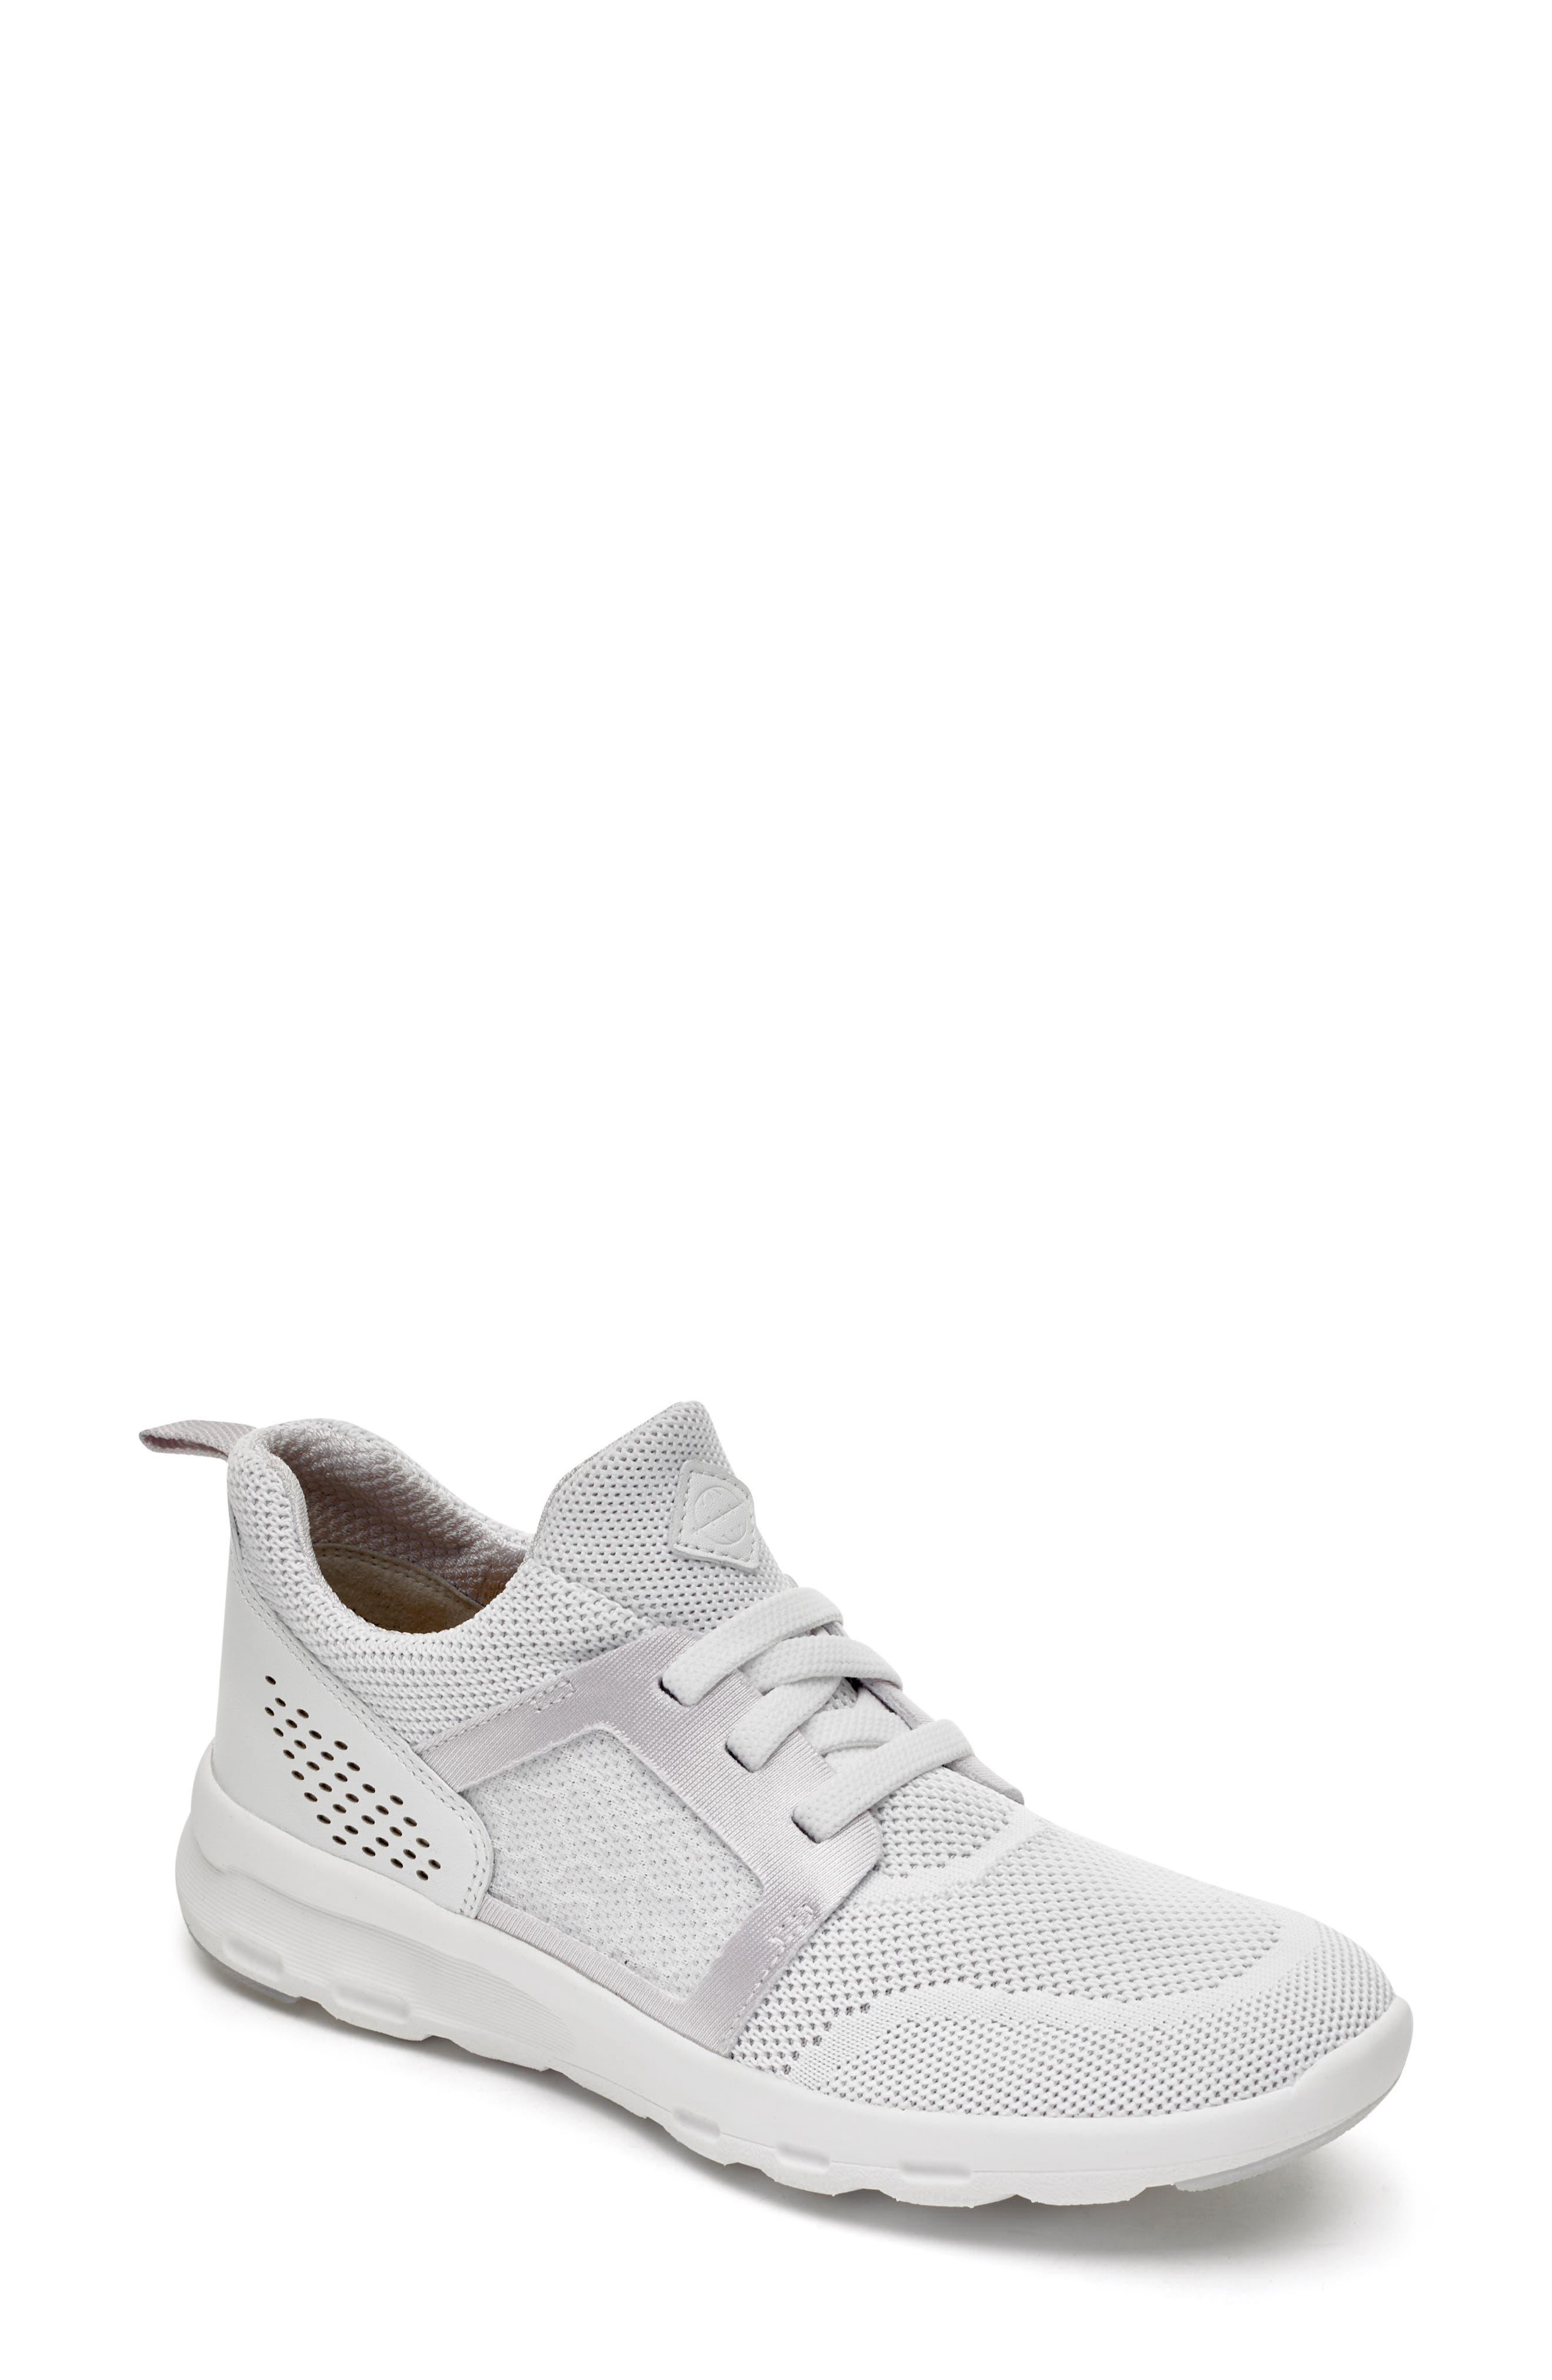 Rockport Knit Walking Sneaker, White